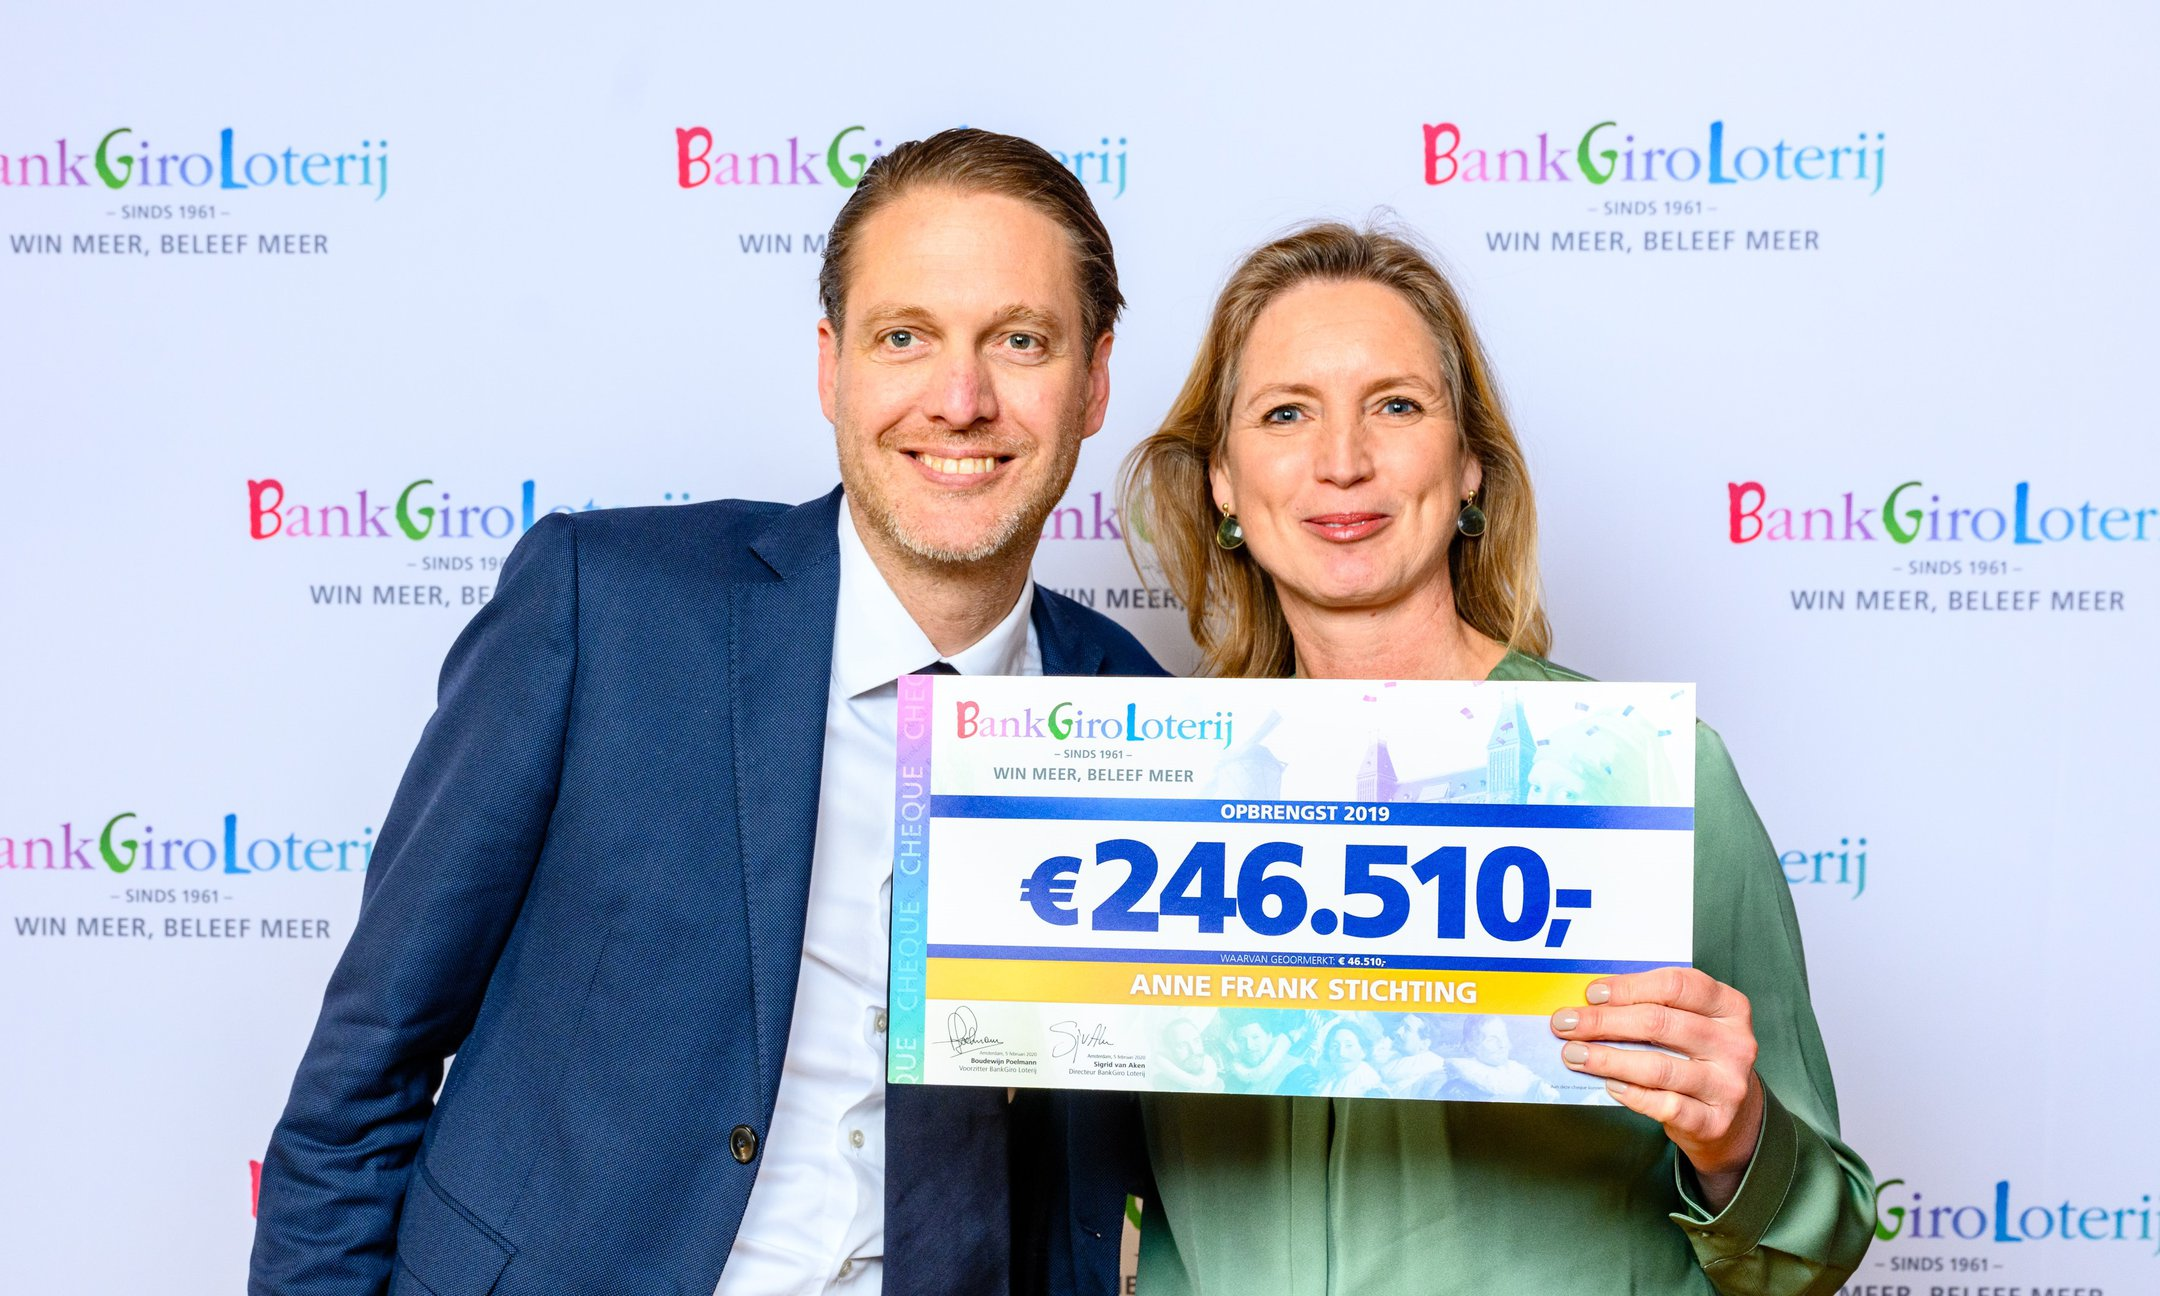 Zakelijk directeur Garance Reus-Deelder ontvangt uit handen van Geert Friebel, hoofd Marketing & Partnerships van de BankGiro Loterij, de cheque met de opbrengst van 2019